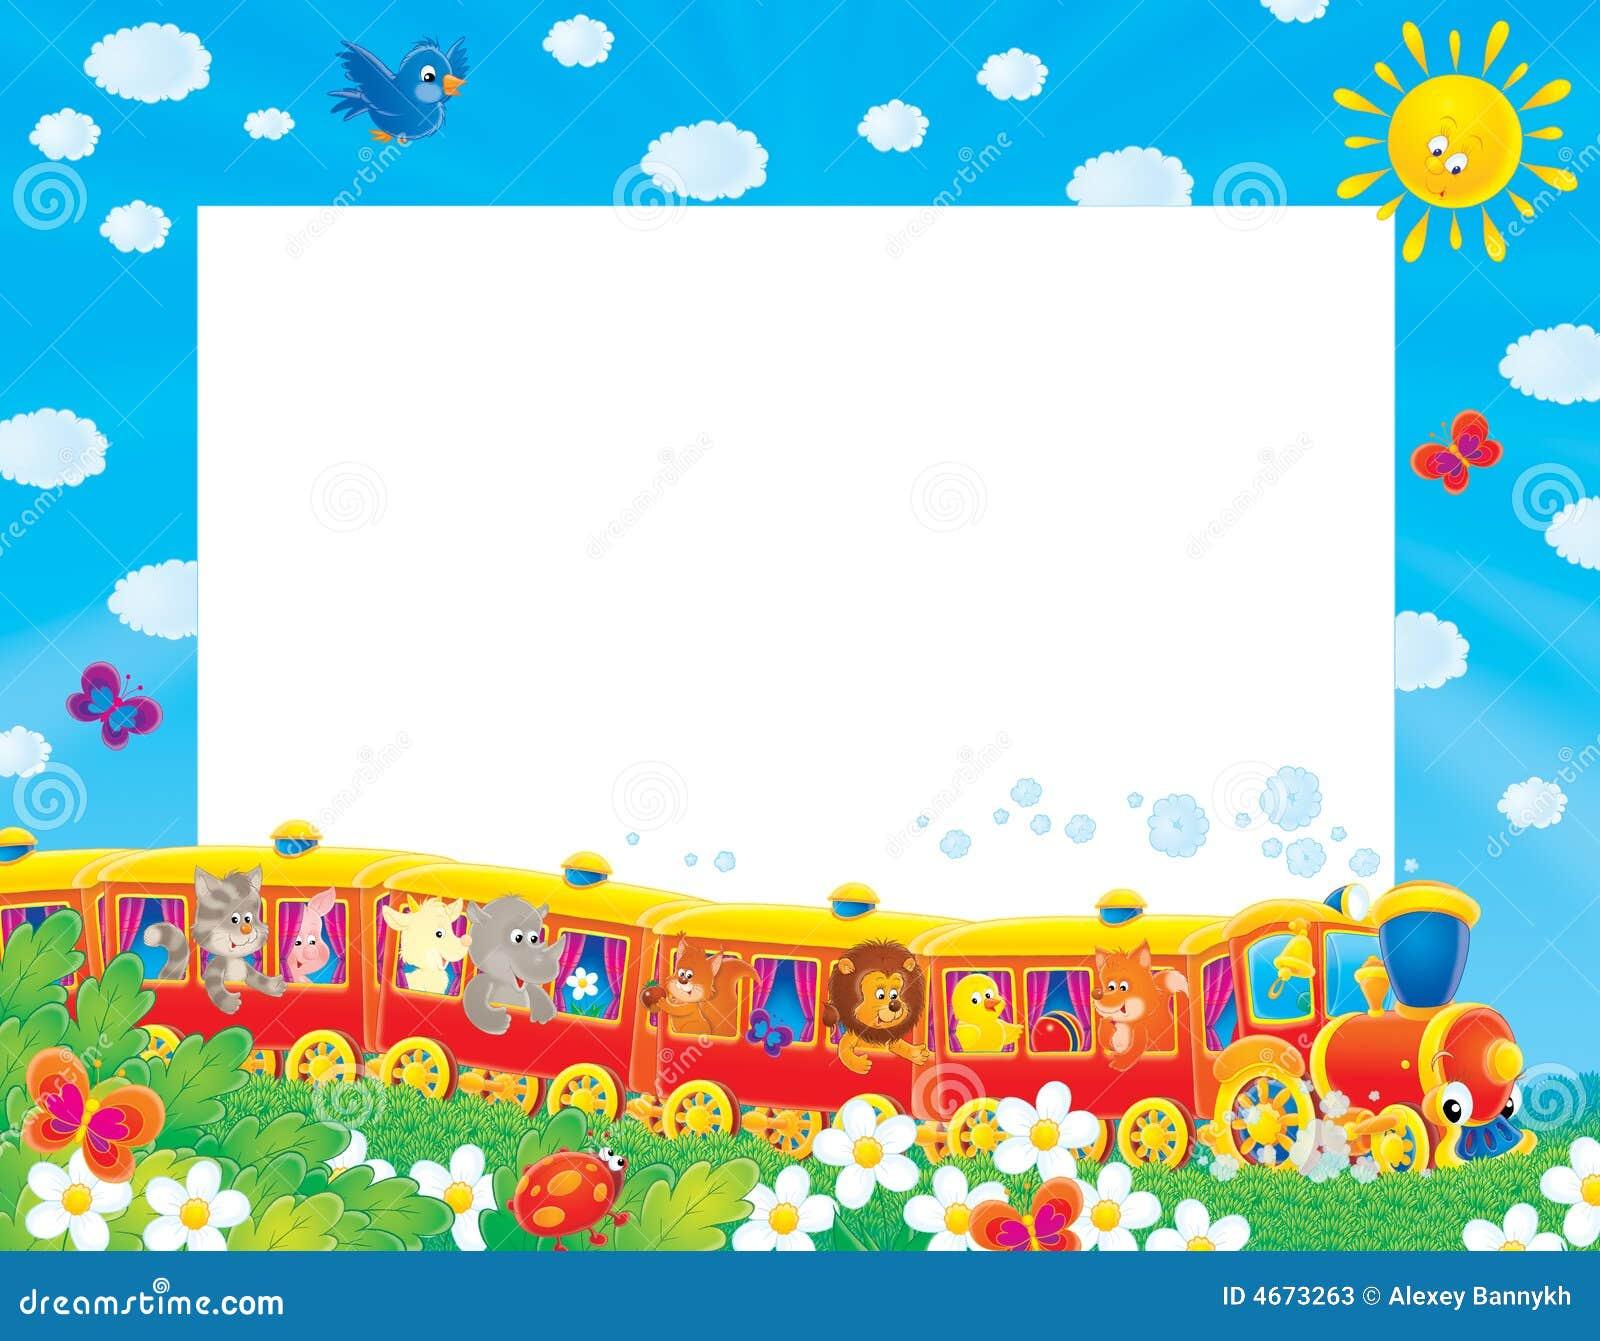 summer photo frame   background stock photos image 4673263 fairy tale clip art teachers fairy tale clip art for kids